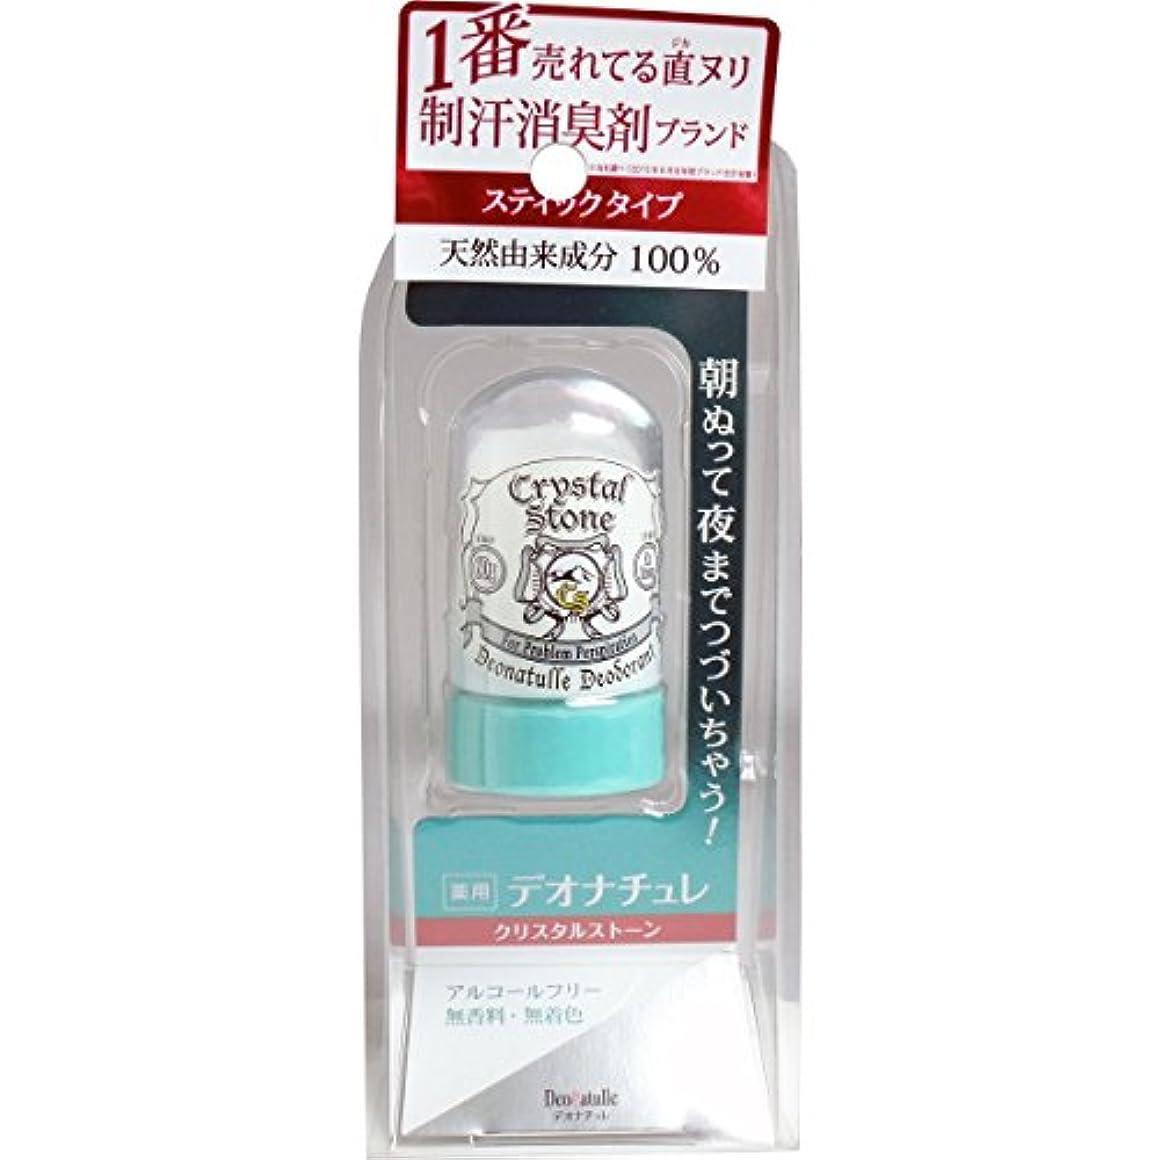 不実モザイクメディカルデオナチュレ クリスタルストーン 60g(医薬部外品)